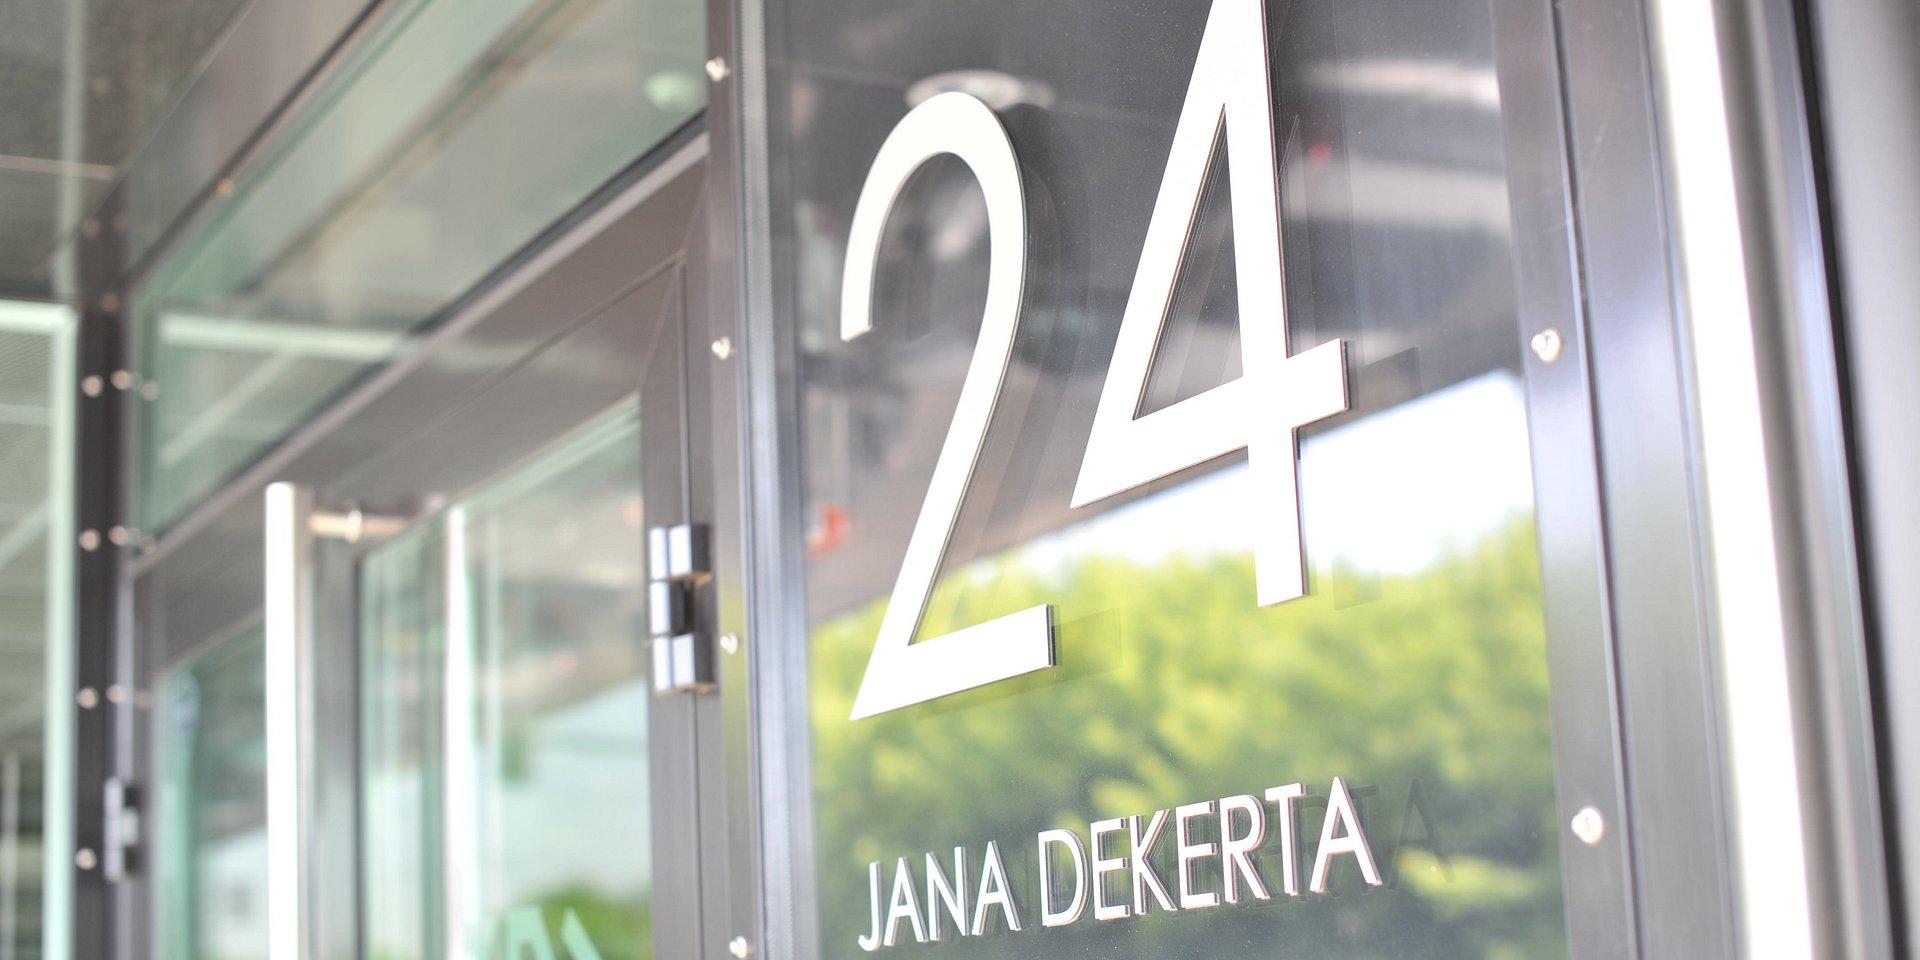 Urząd Miasta Krakowa przenosi część działalności do Diamante Plaza